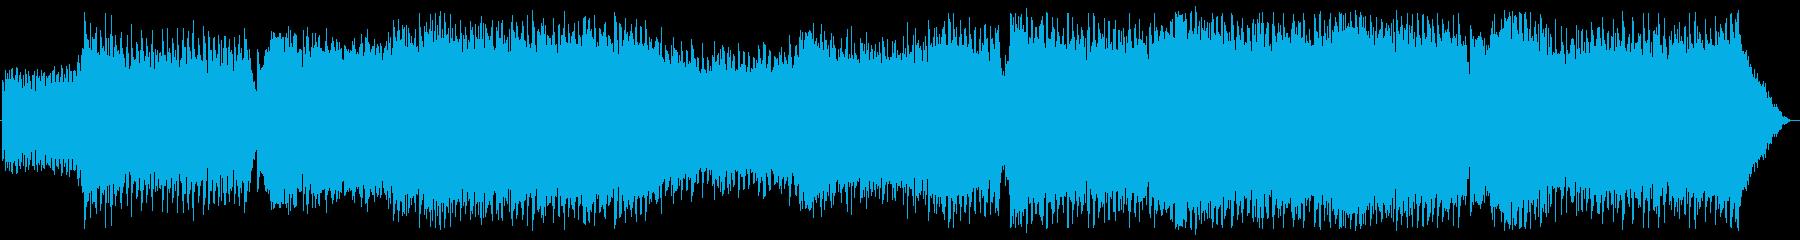 YouTube・EDM・ノリノリ・明るいの再生済みの波形